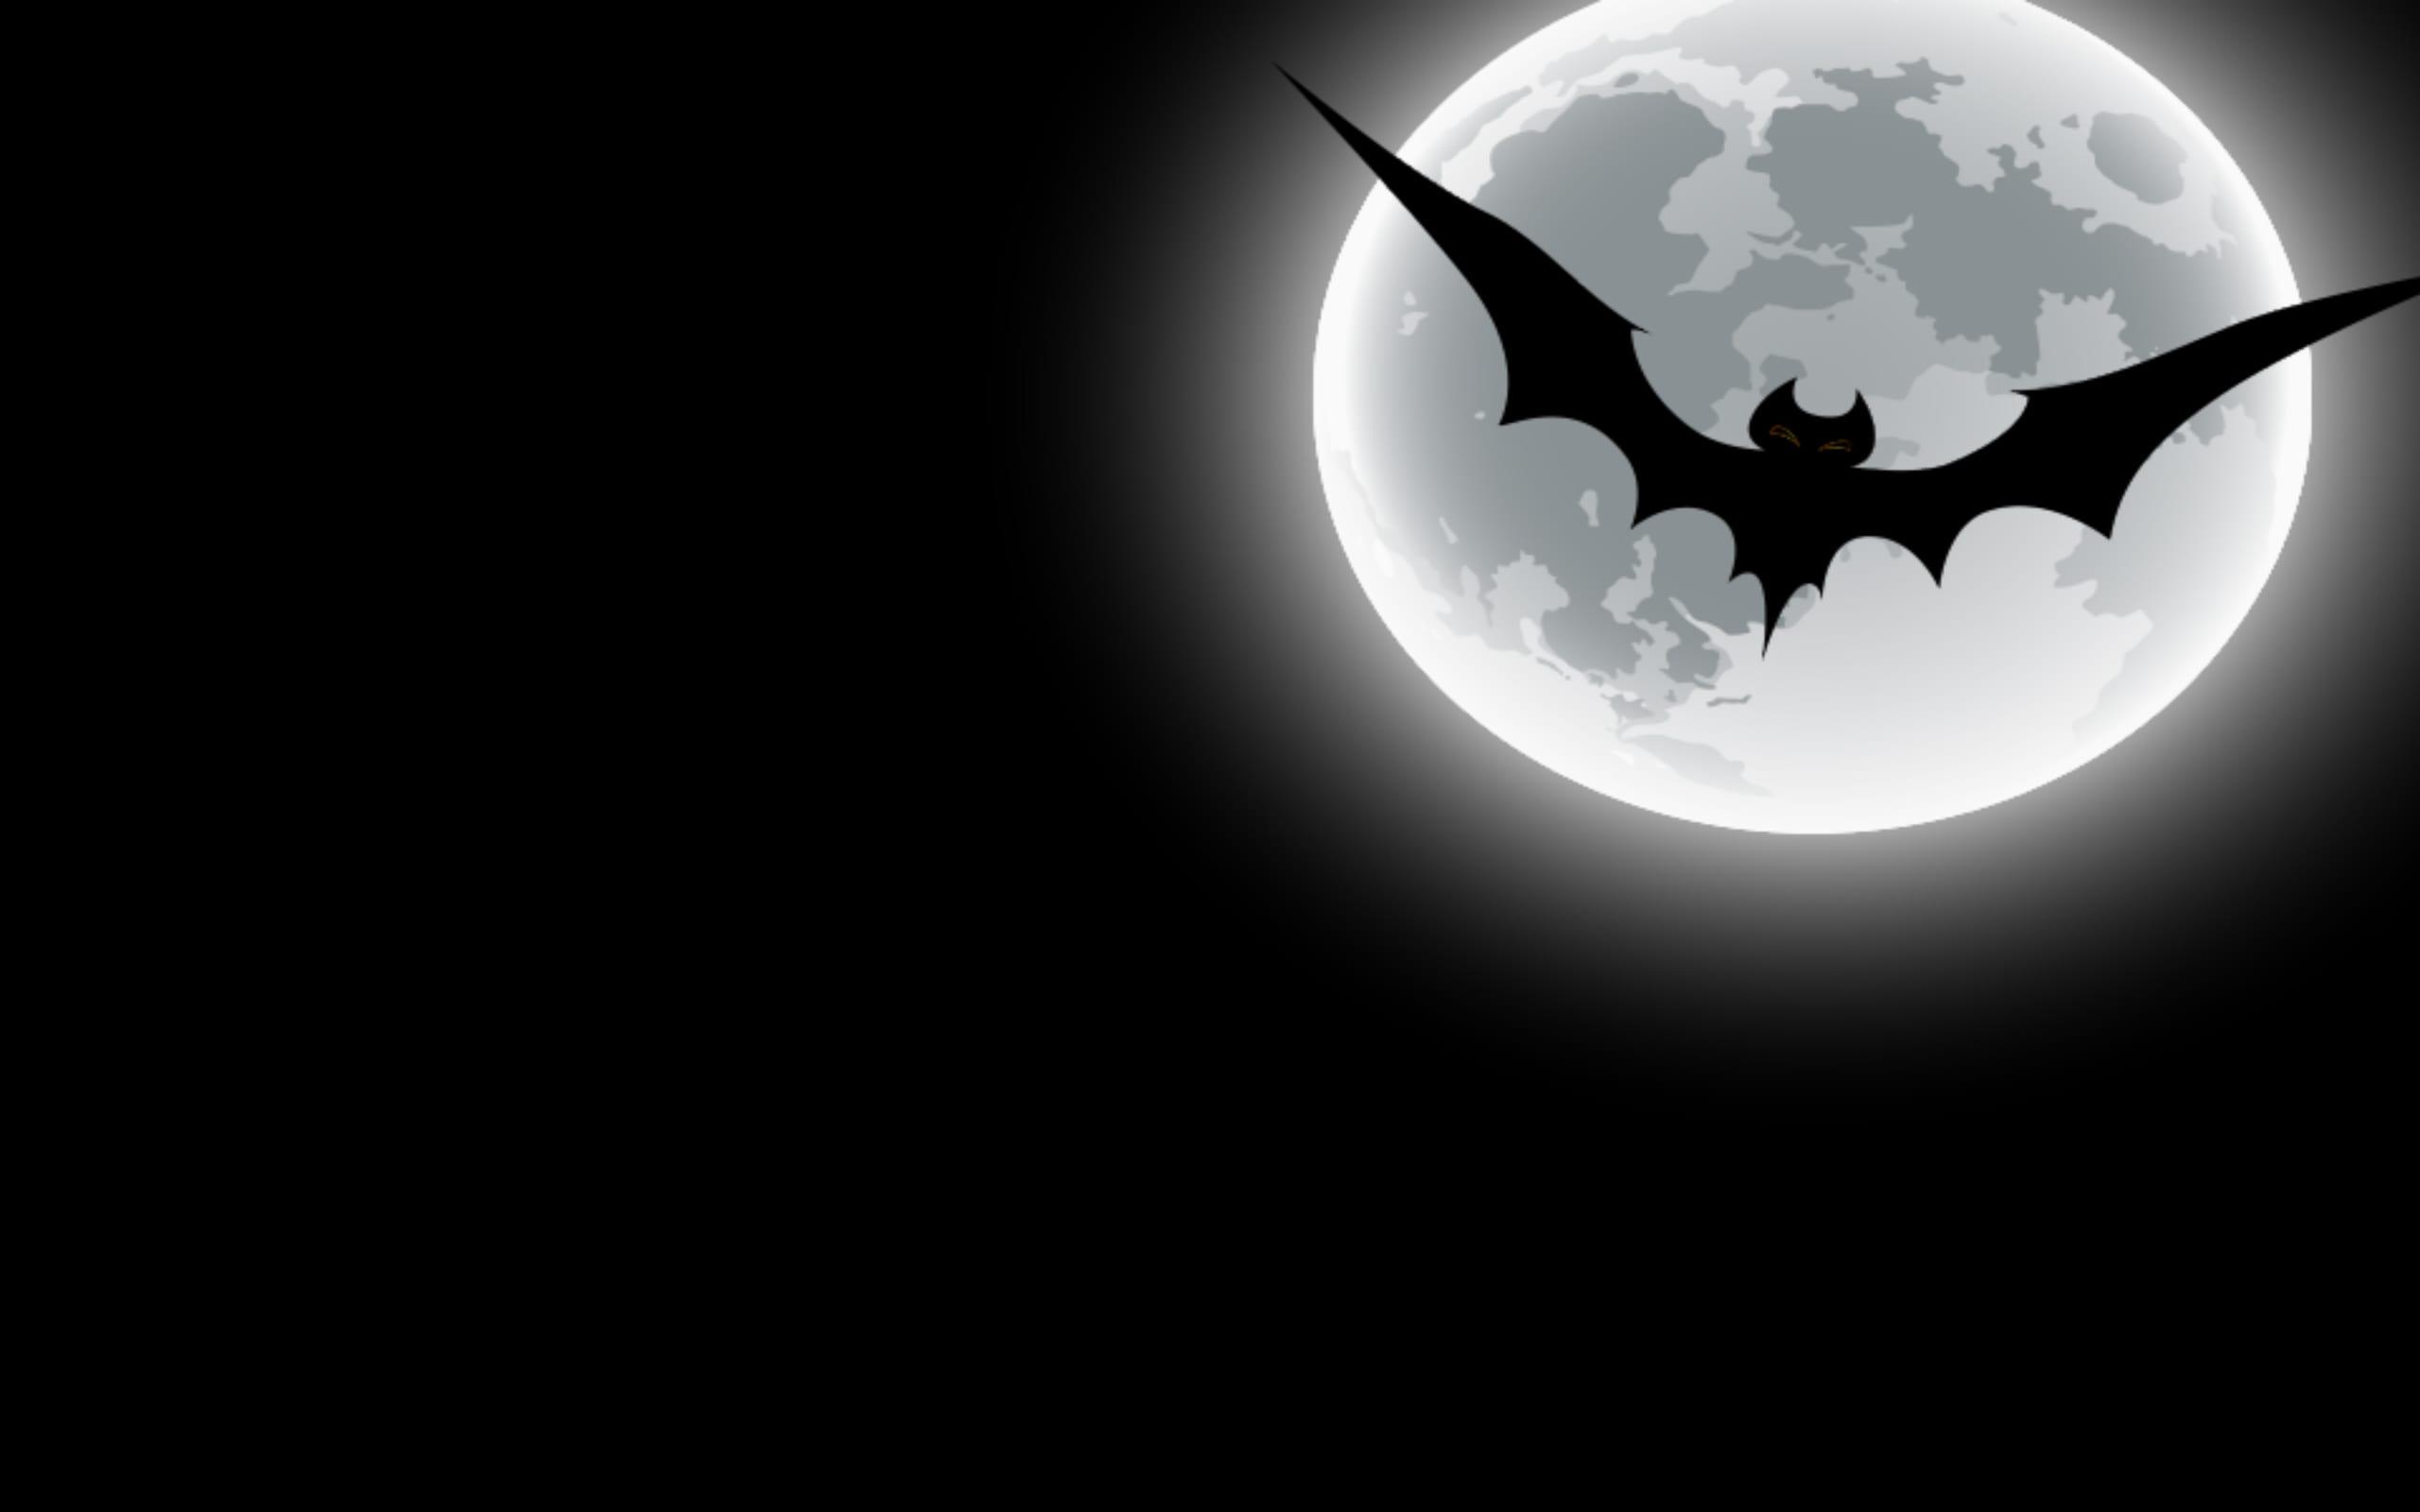 Bat Pictures